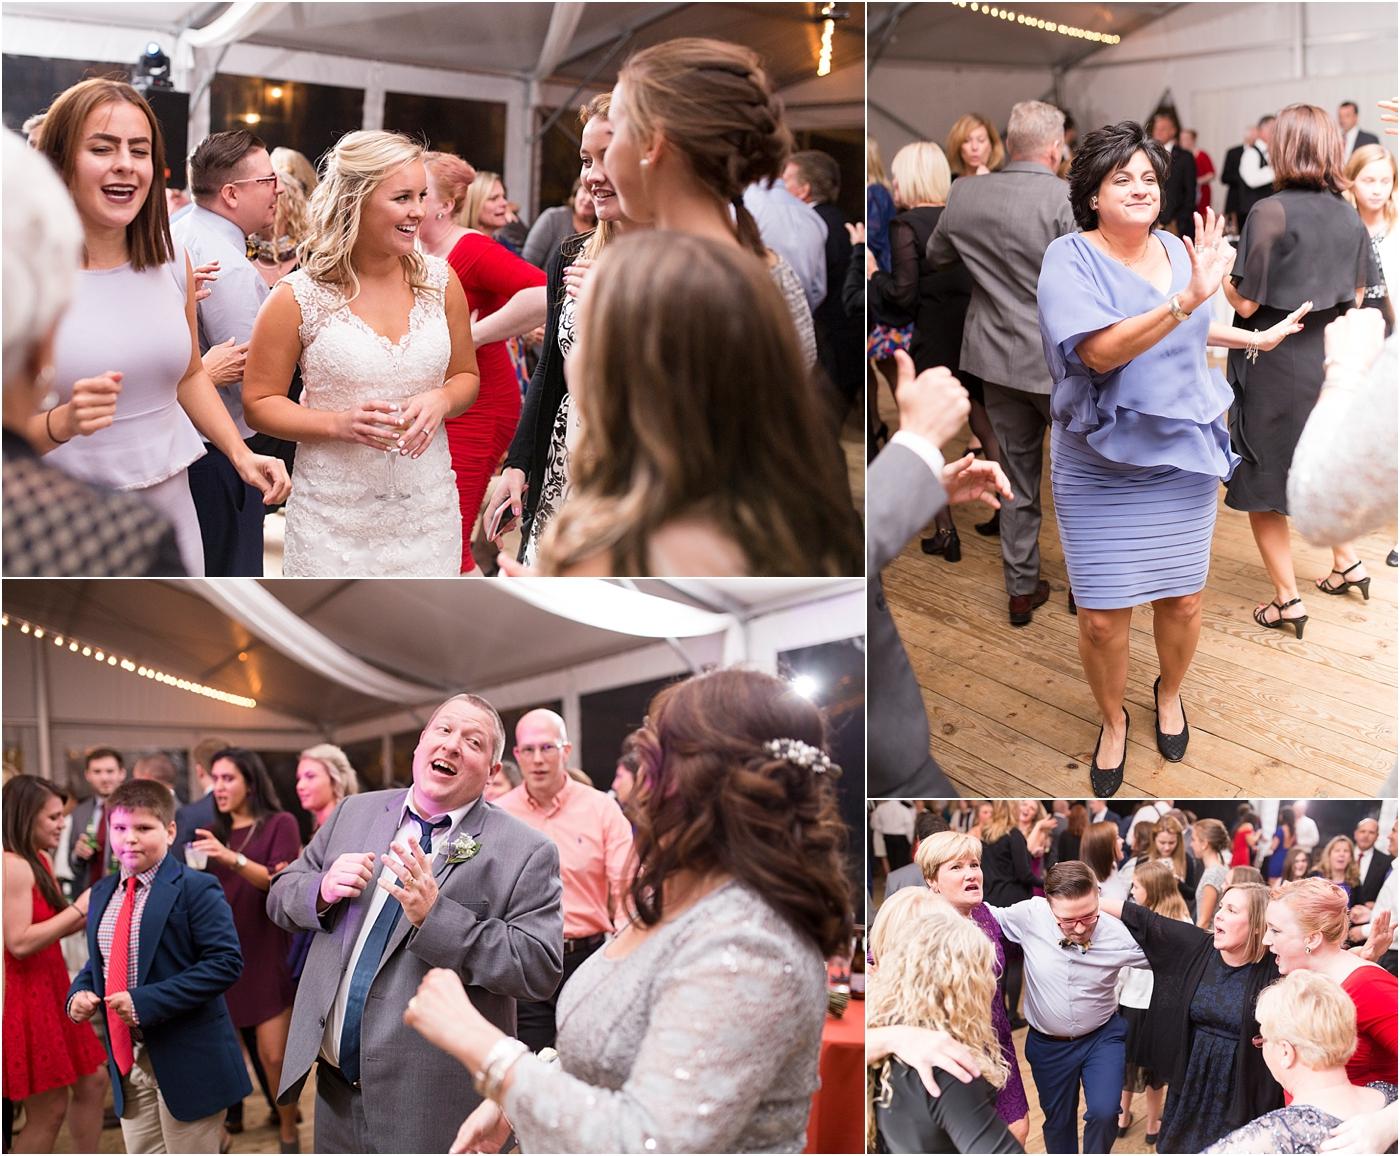 Walkers-Overlook-Wedding-107.jpg